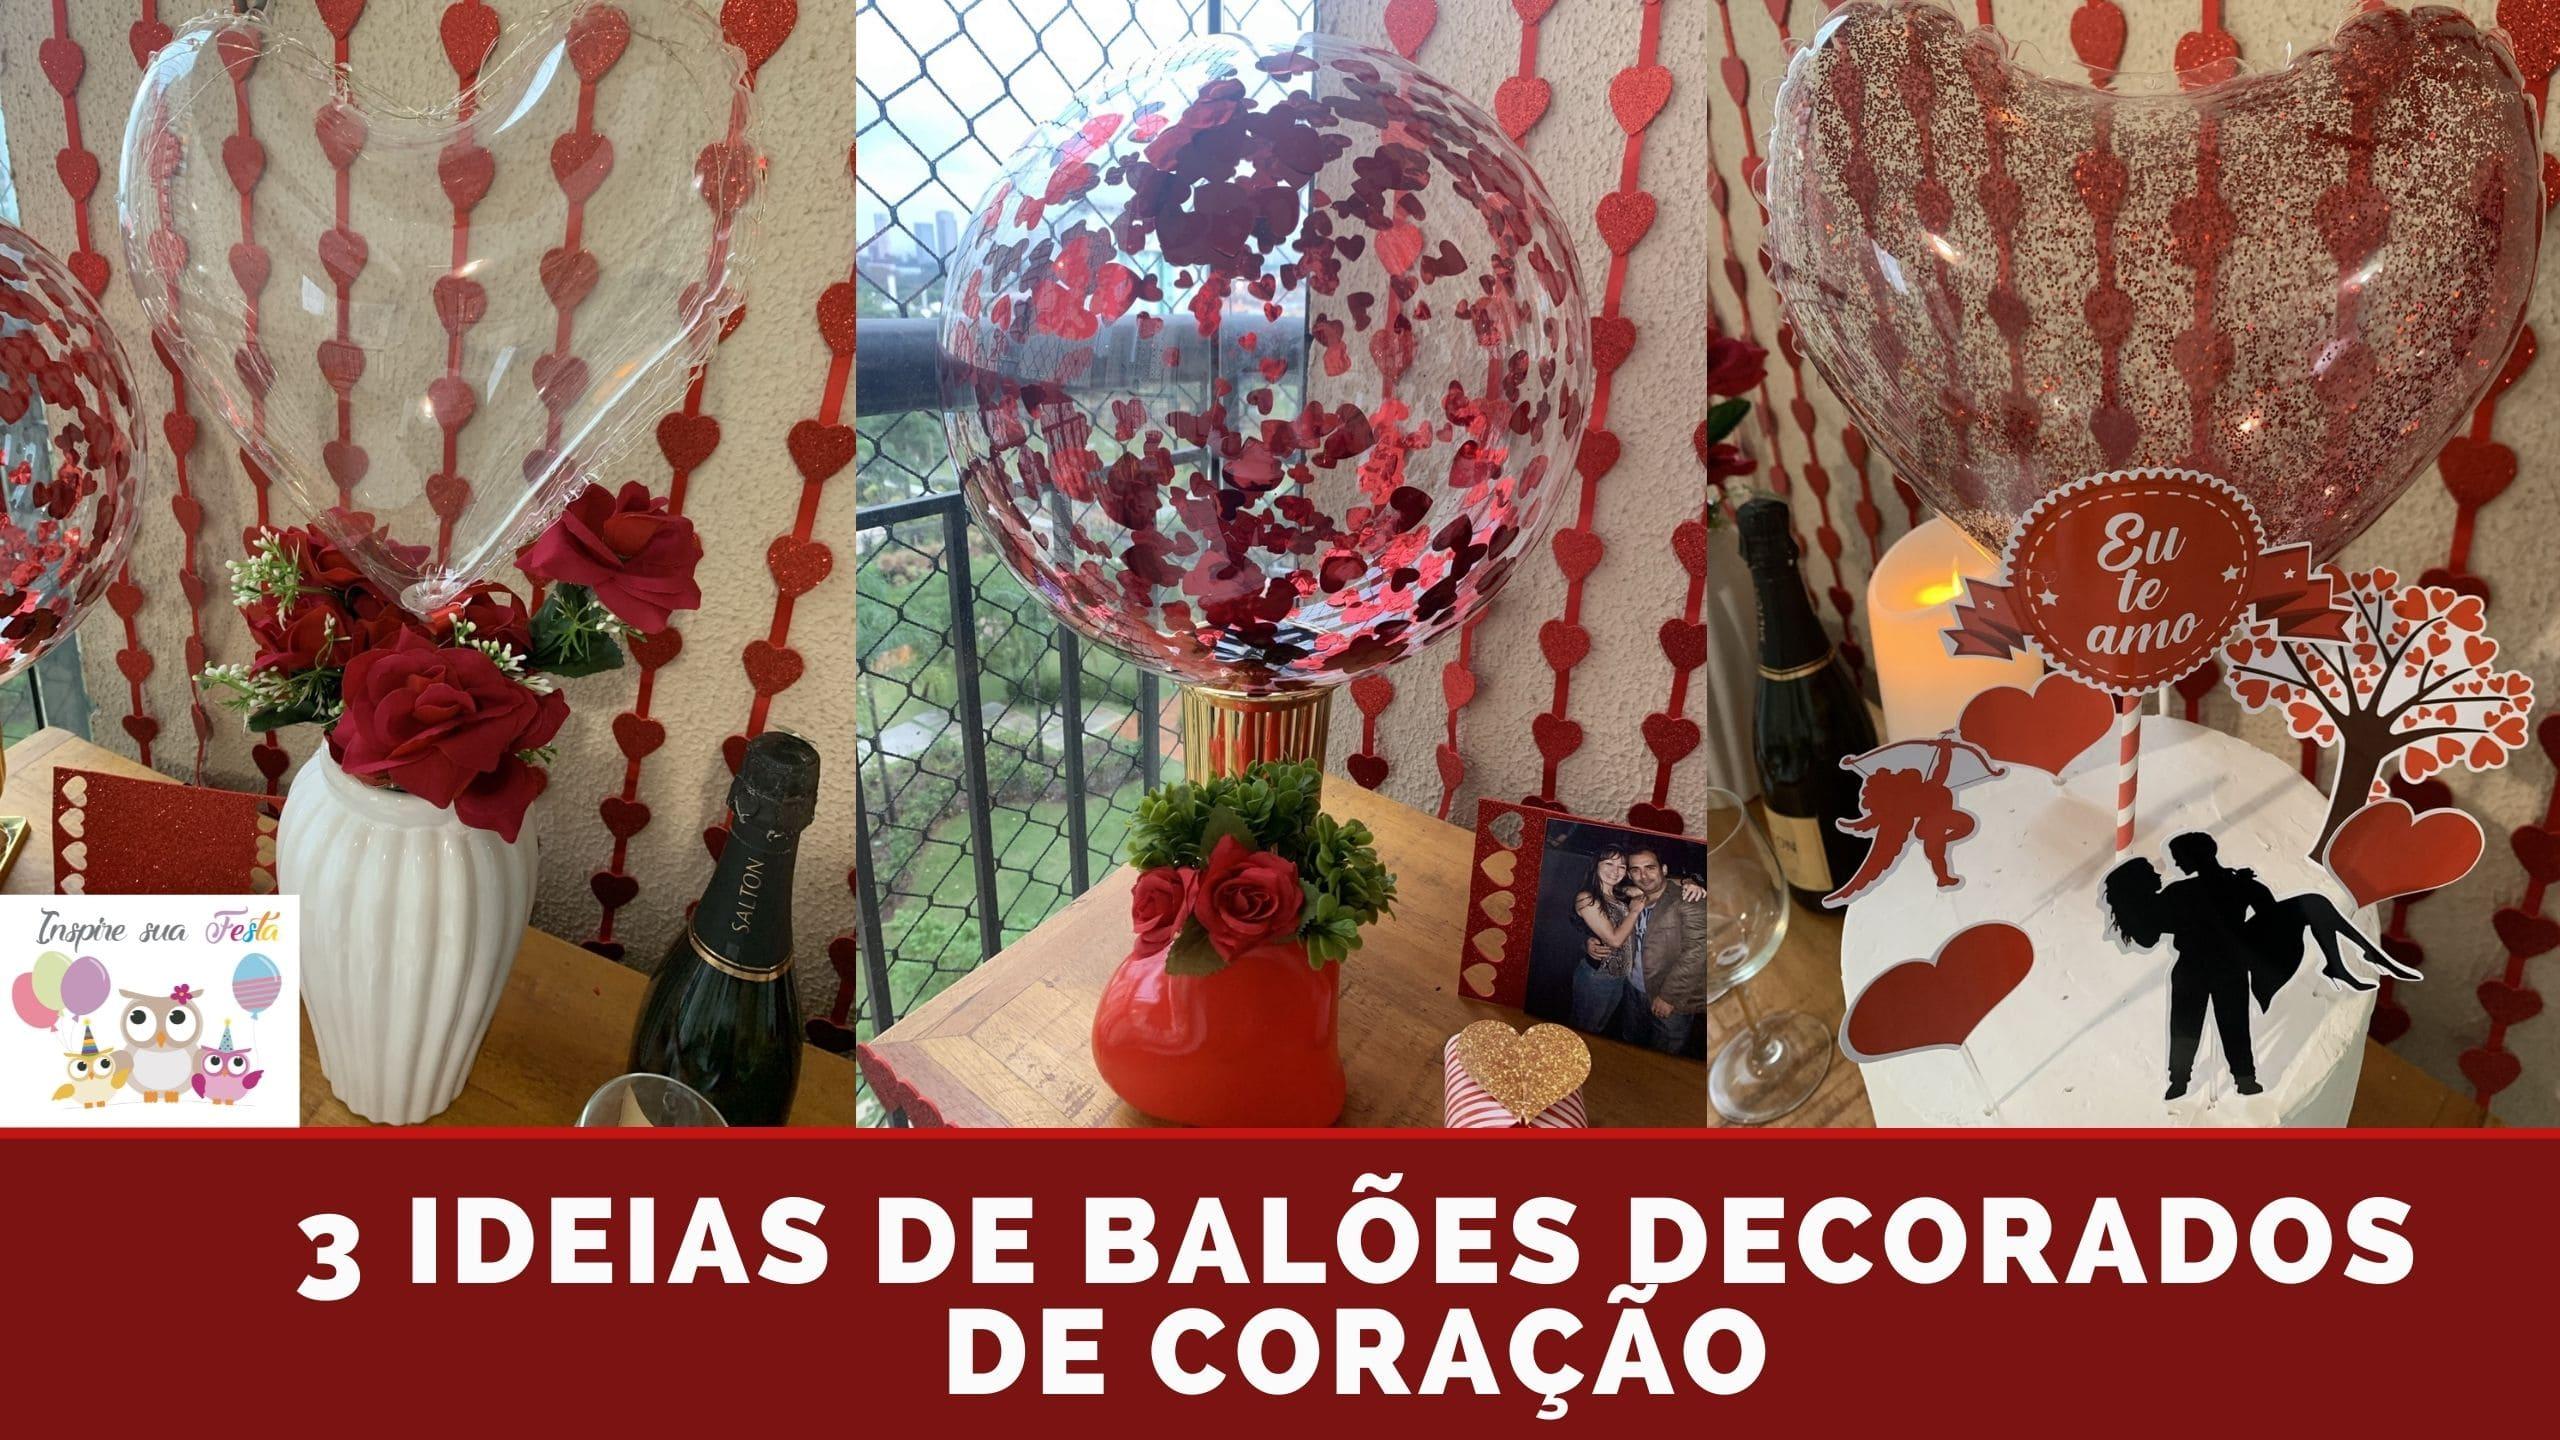 Como inflar e decorar balão Bubble de Coração – 3 ideias de balões decorados